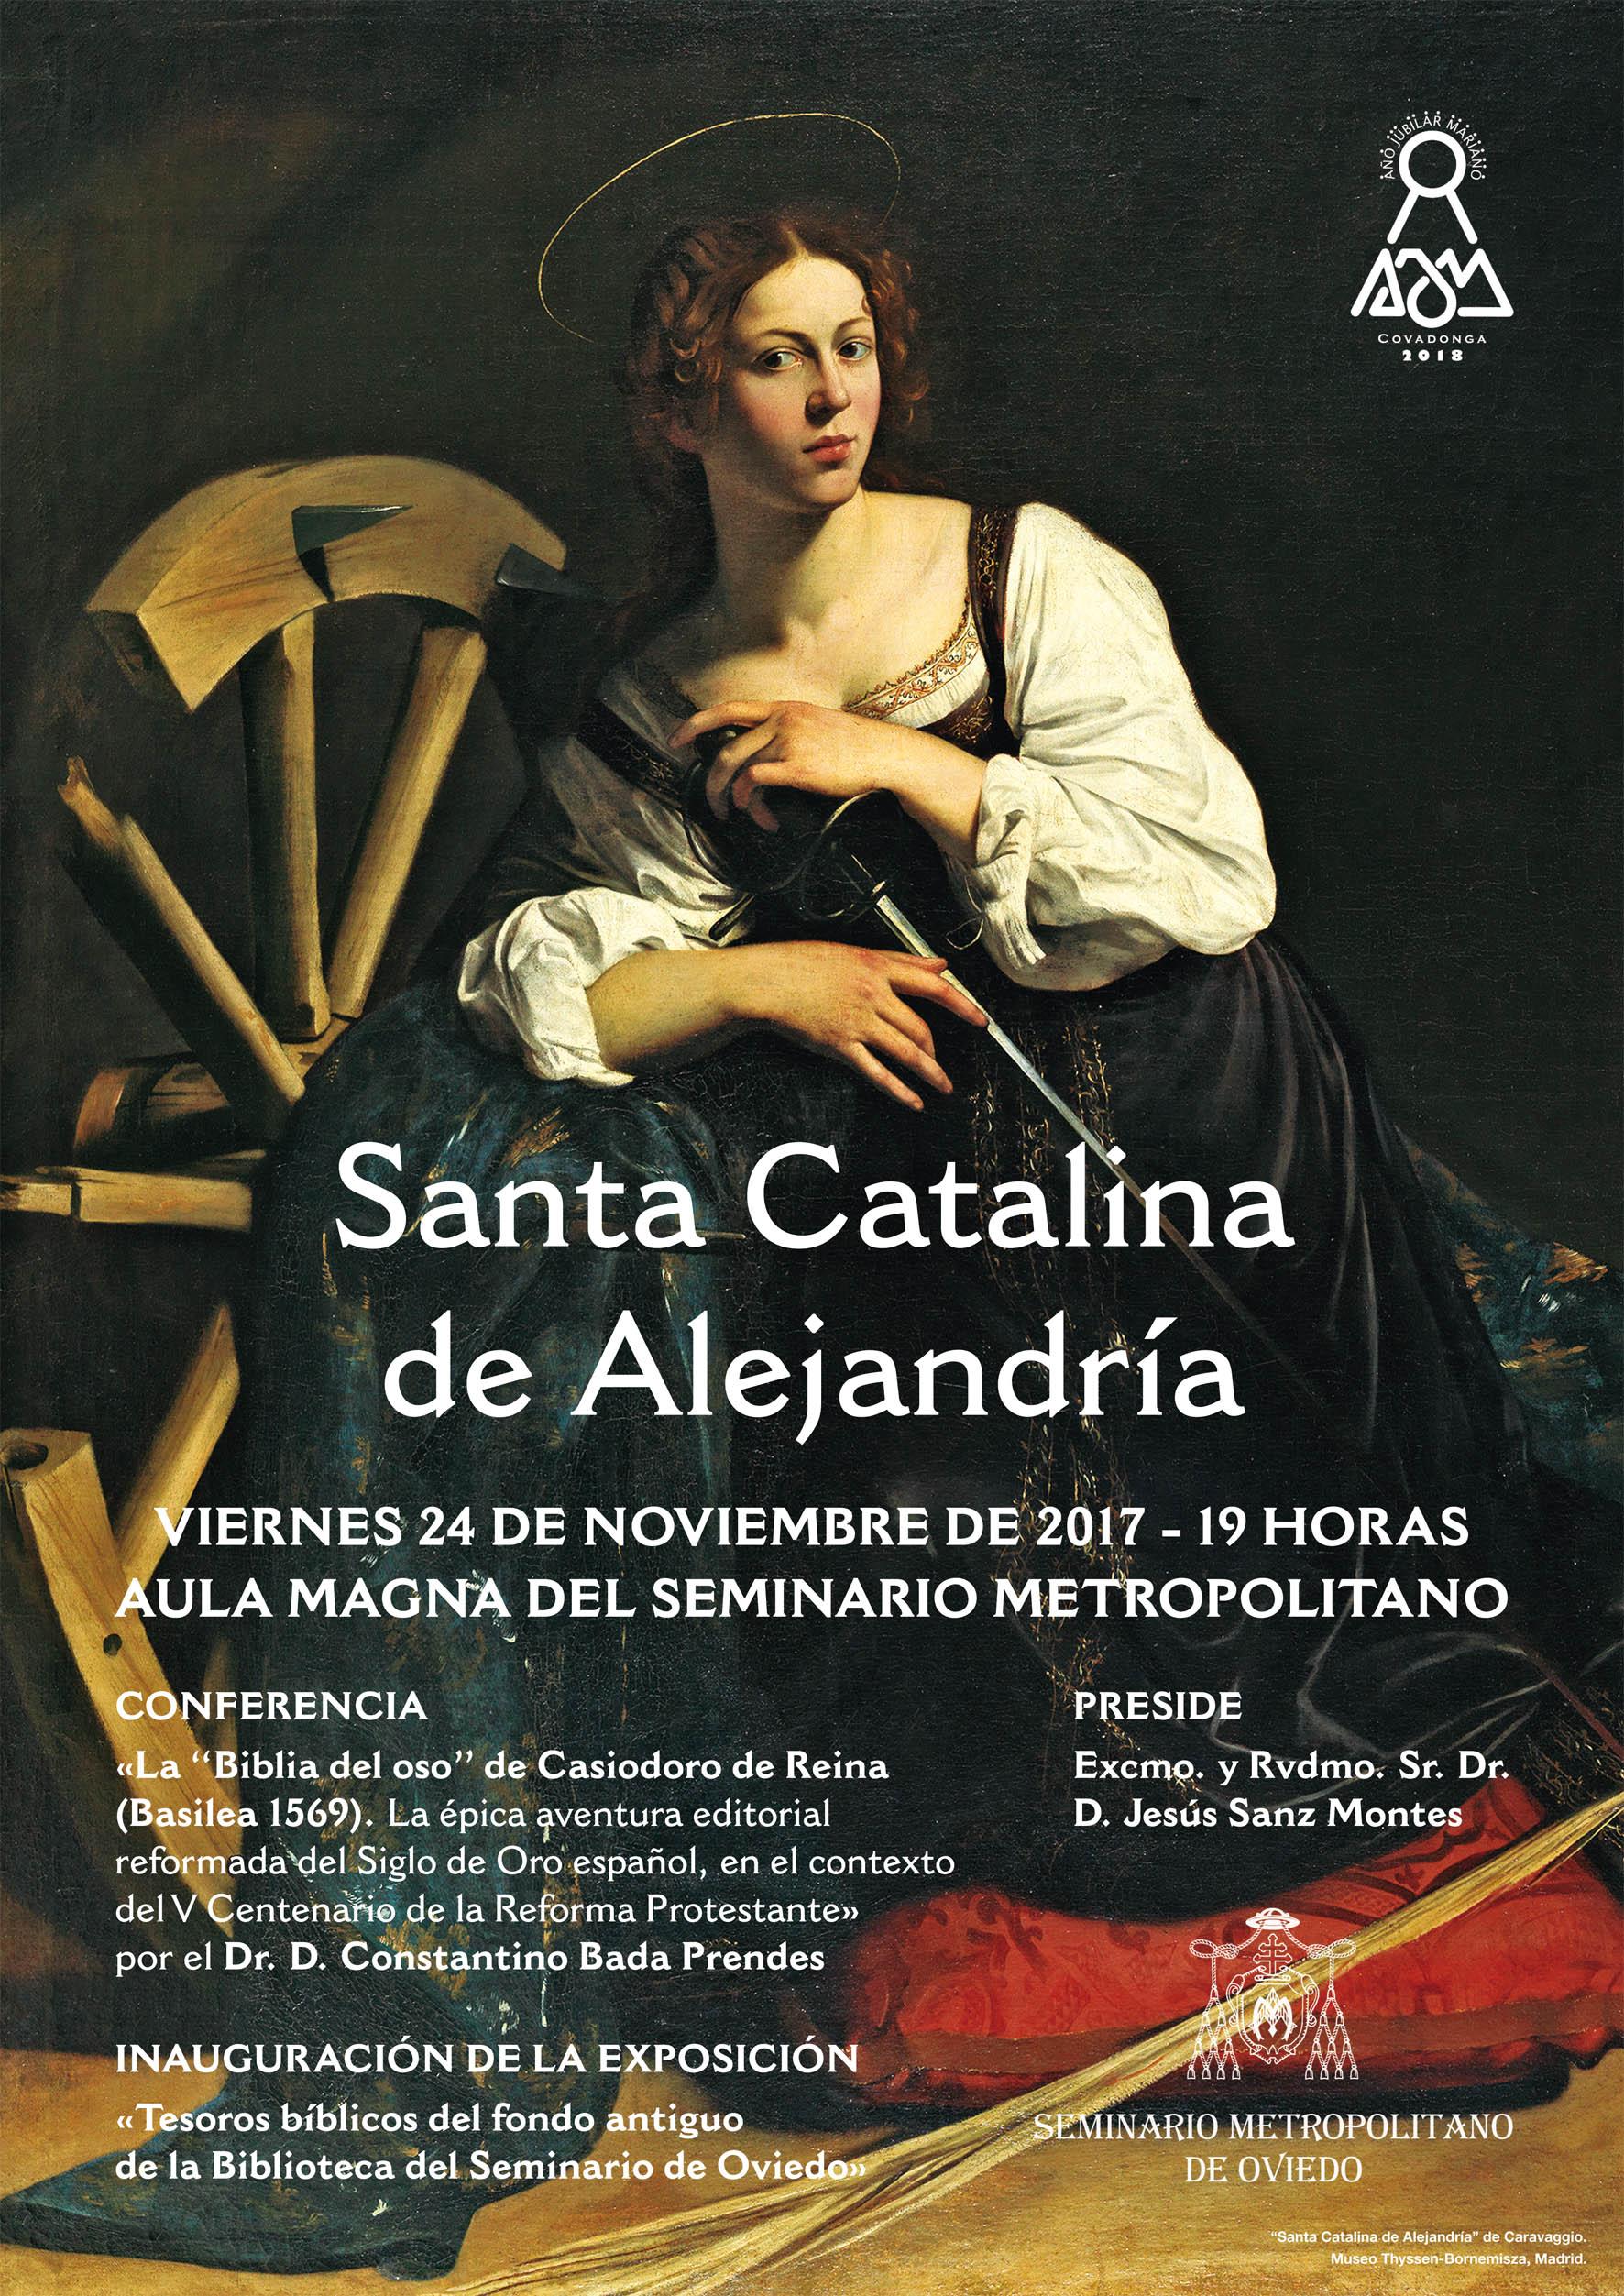 Festividad Santa Catalina de Alejandría